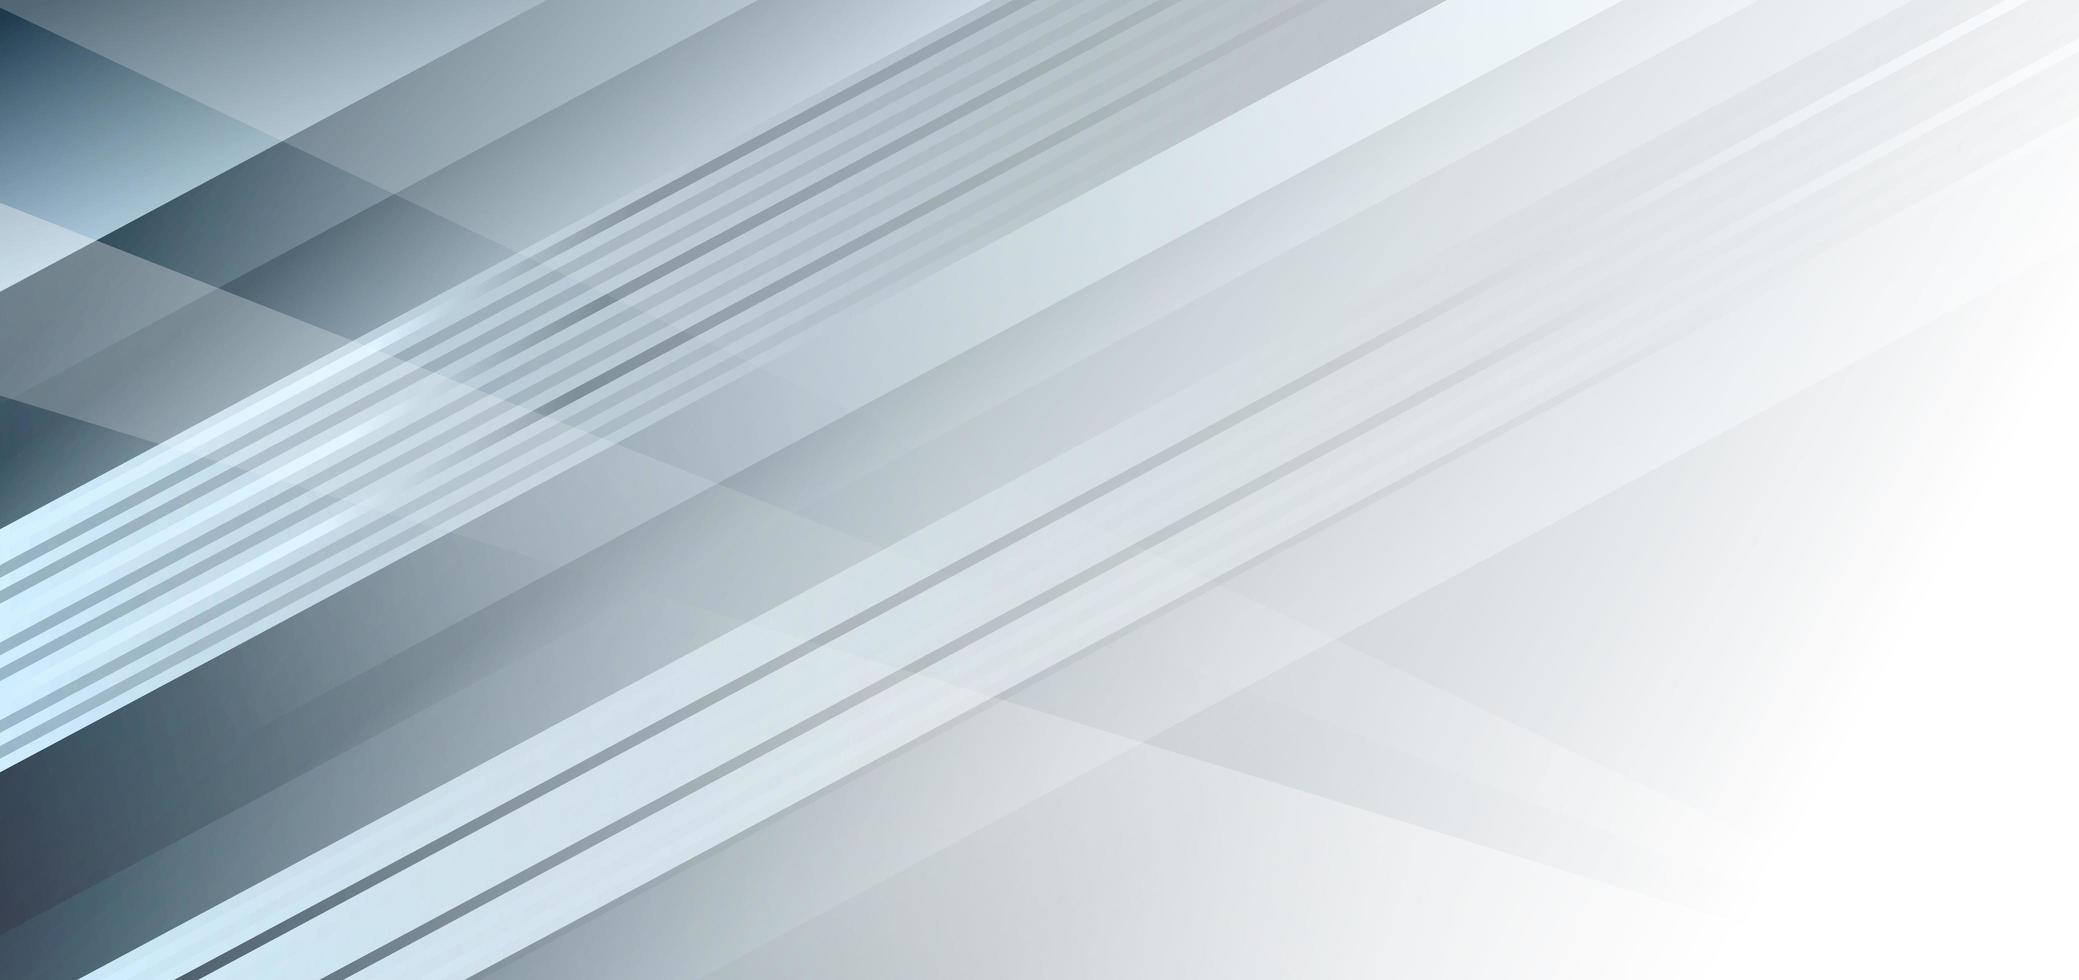 Fondo diagonal blanco y gris geométrico abstracto vector